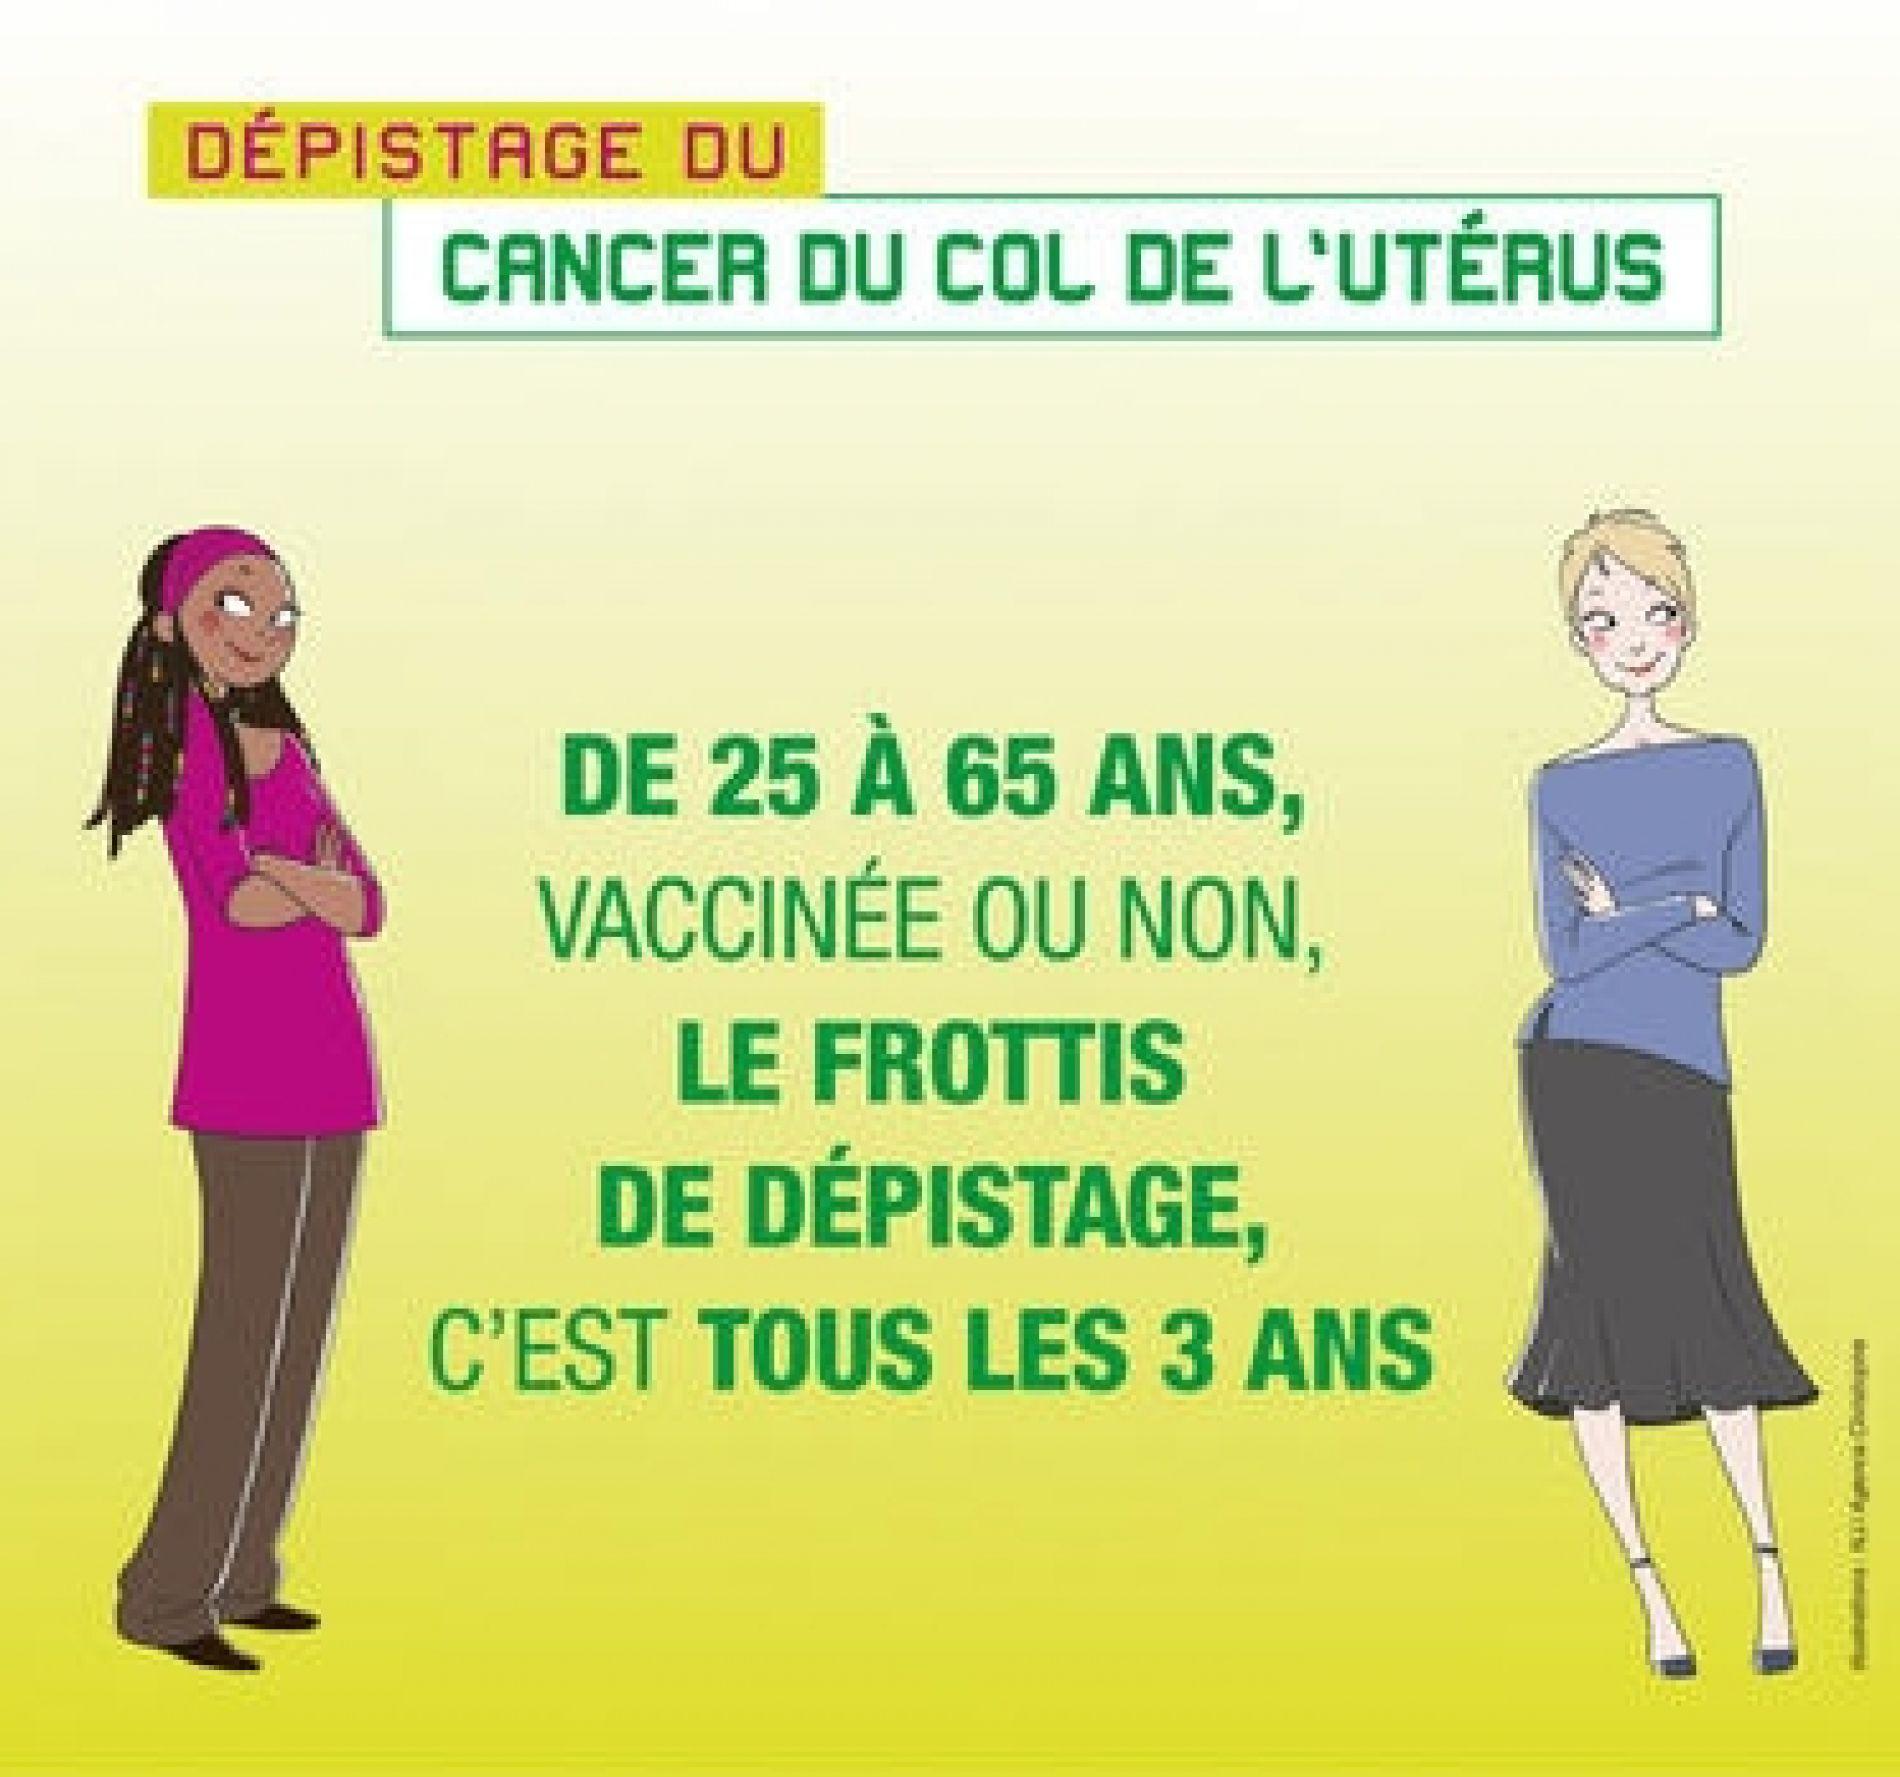 Après Octobre rose, Mars bleu, c'est JUIN VERT l'autre mois du dépistage des cancers féminins